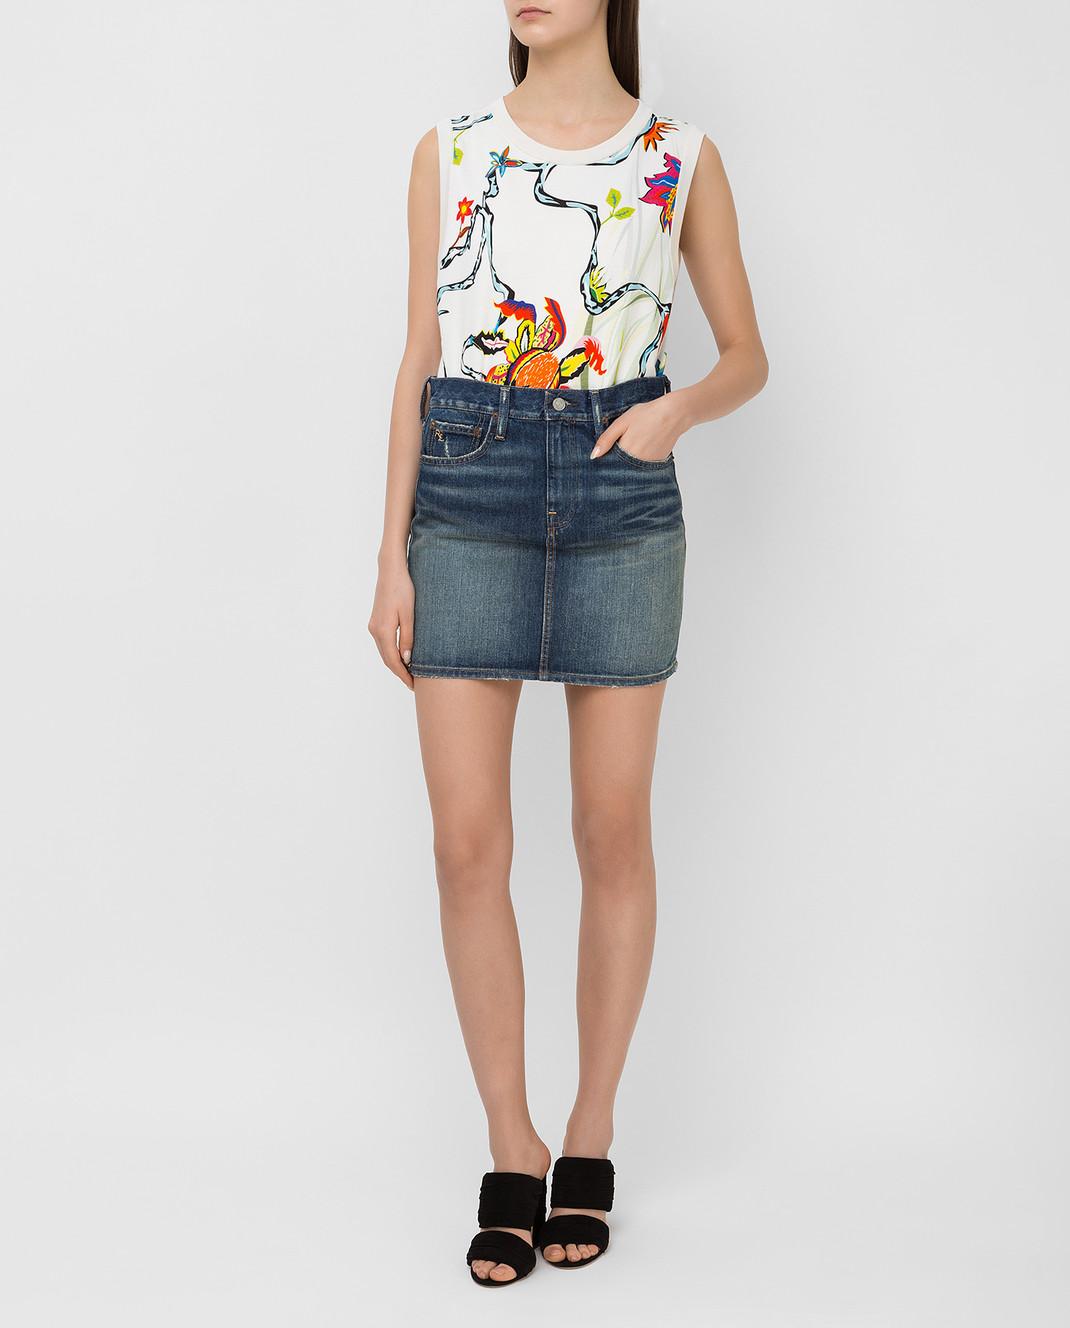 Ralph Lauren Синяя джинсовая юбка V60IH924 изображение 2